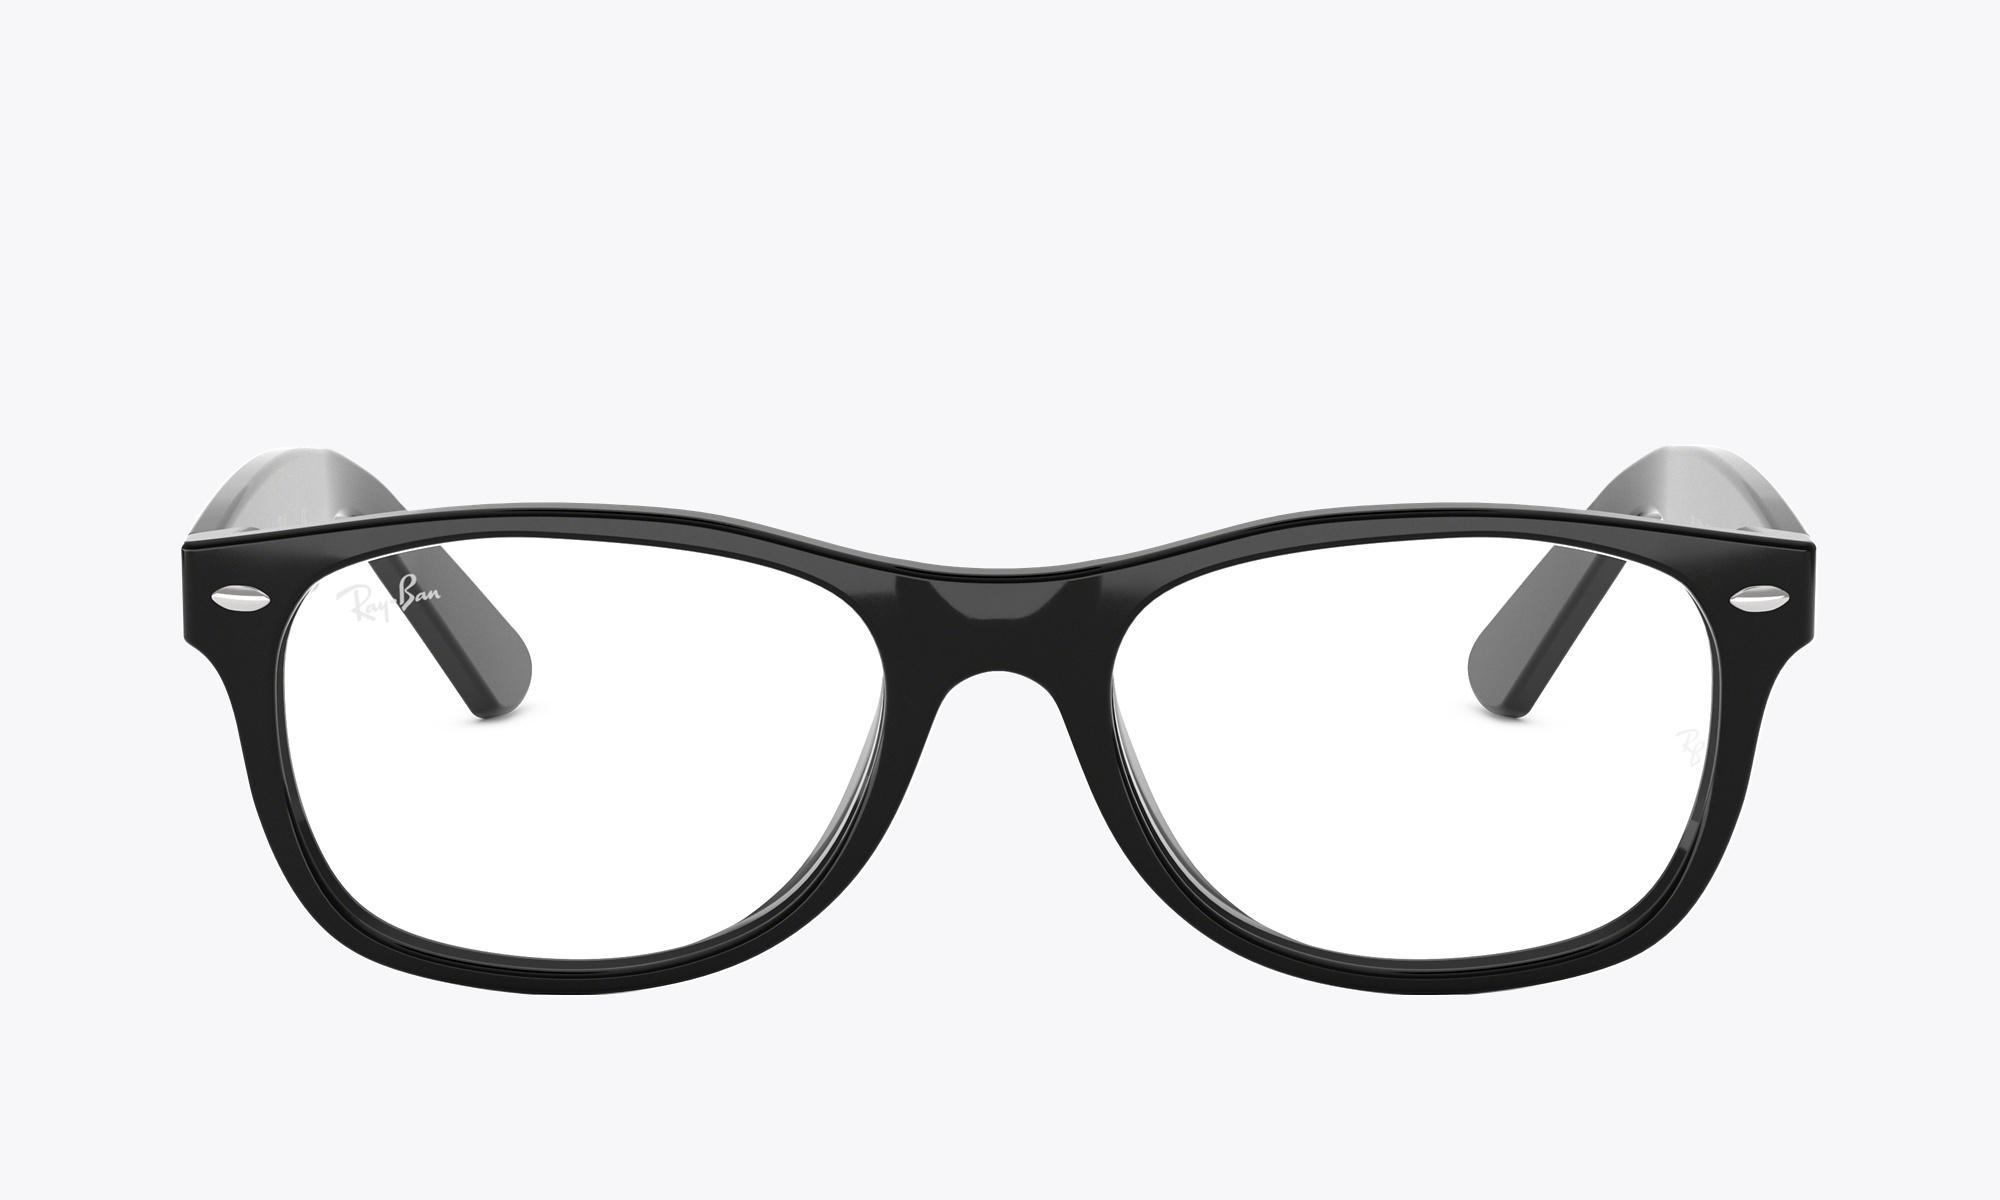 Image of Ray-Ban New Wayfarer Optics color Black